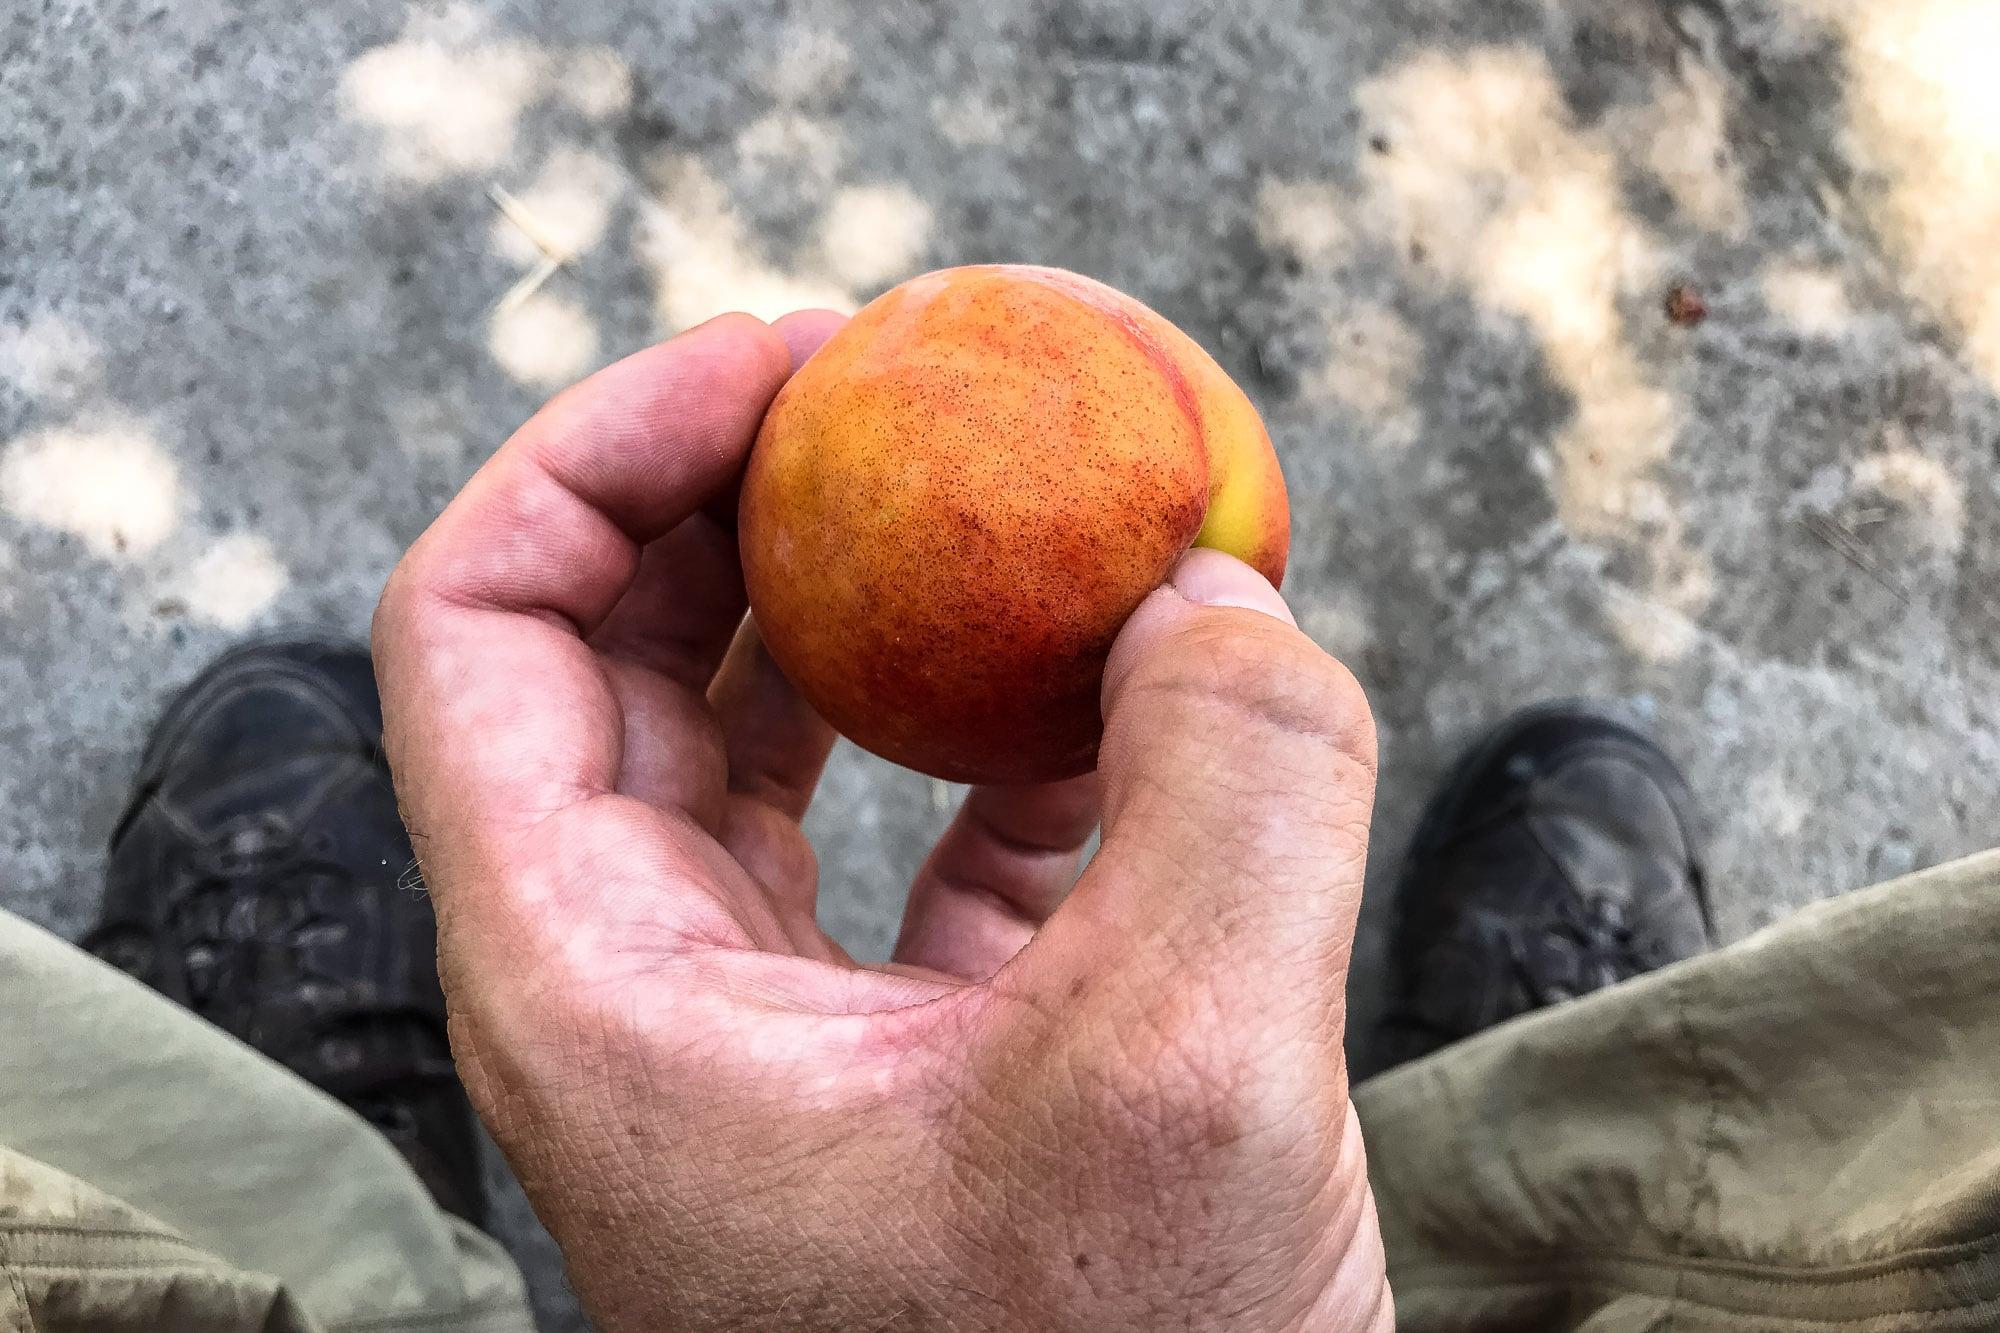 peach?